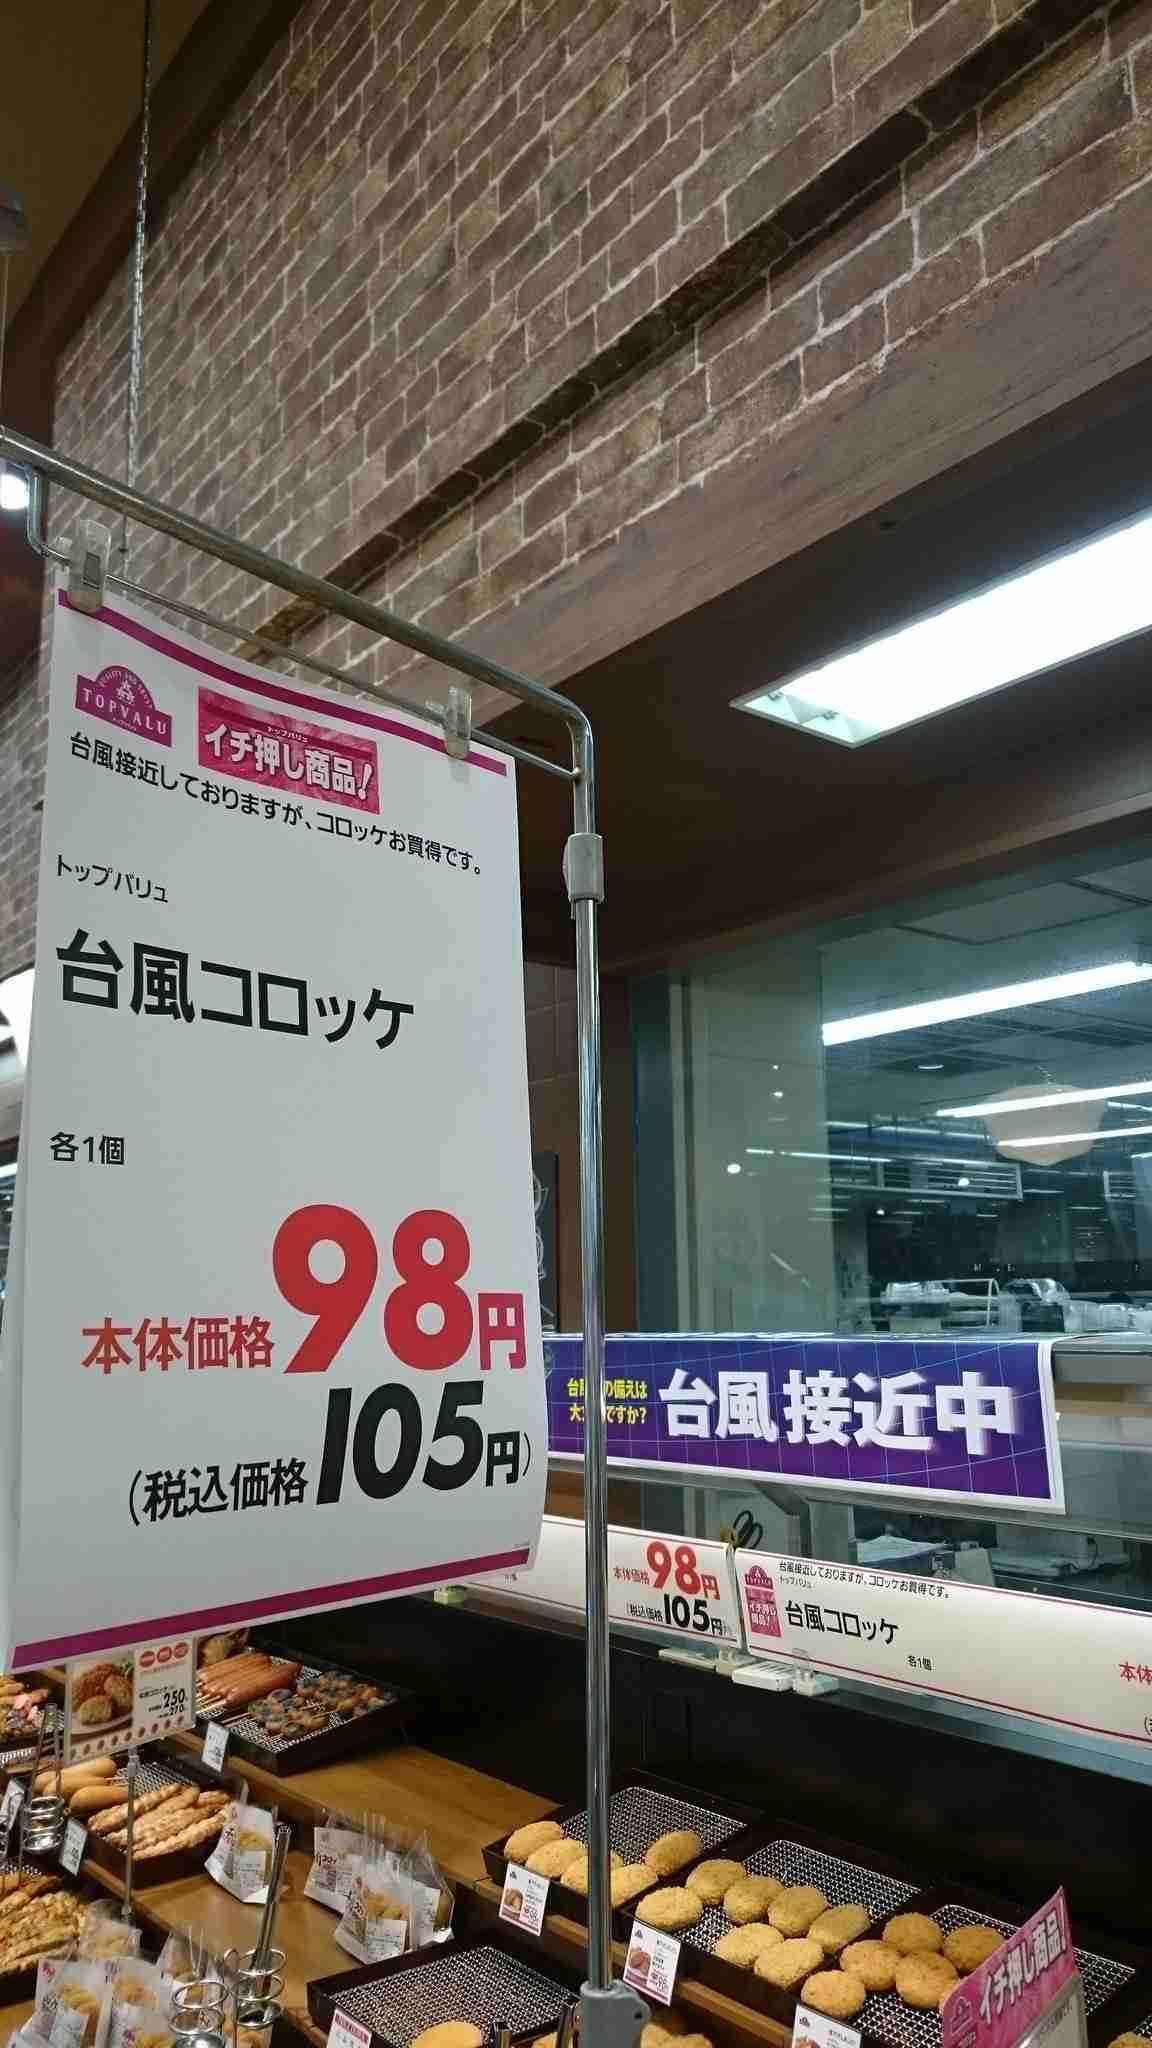 「台風でコロッケが売れる」は本当?コロッケより買っておくべきものは?